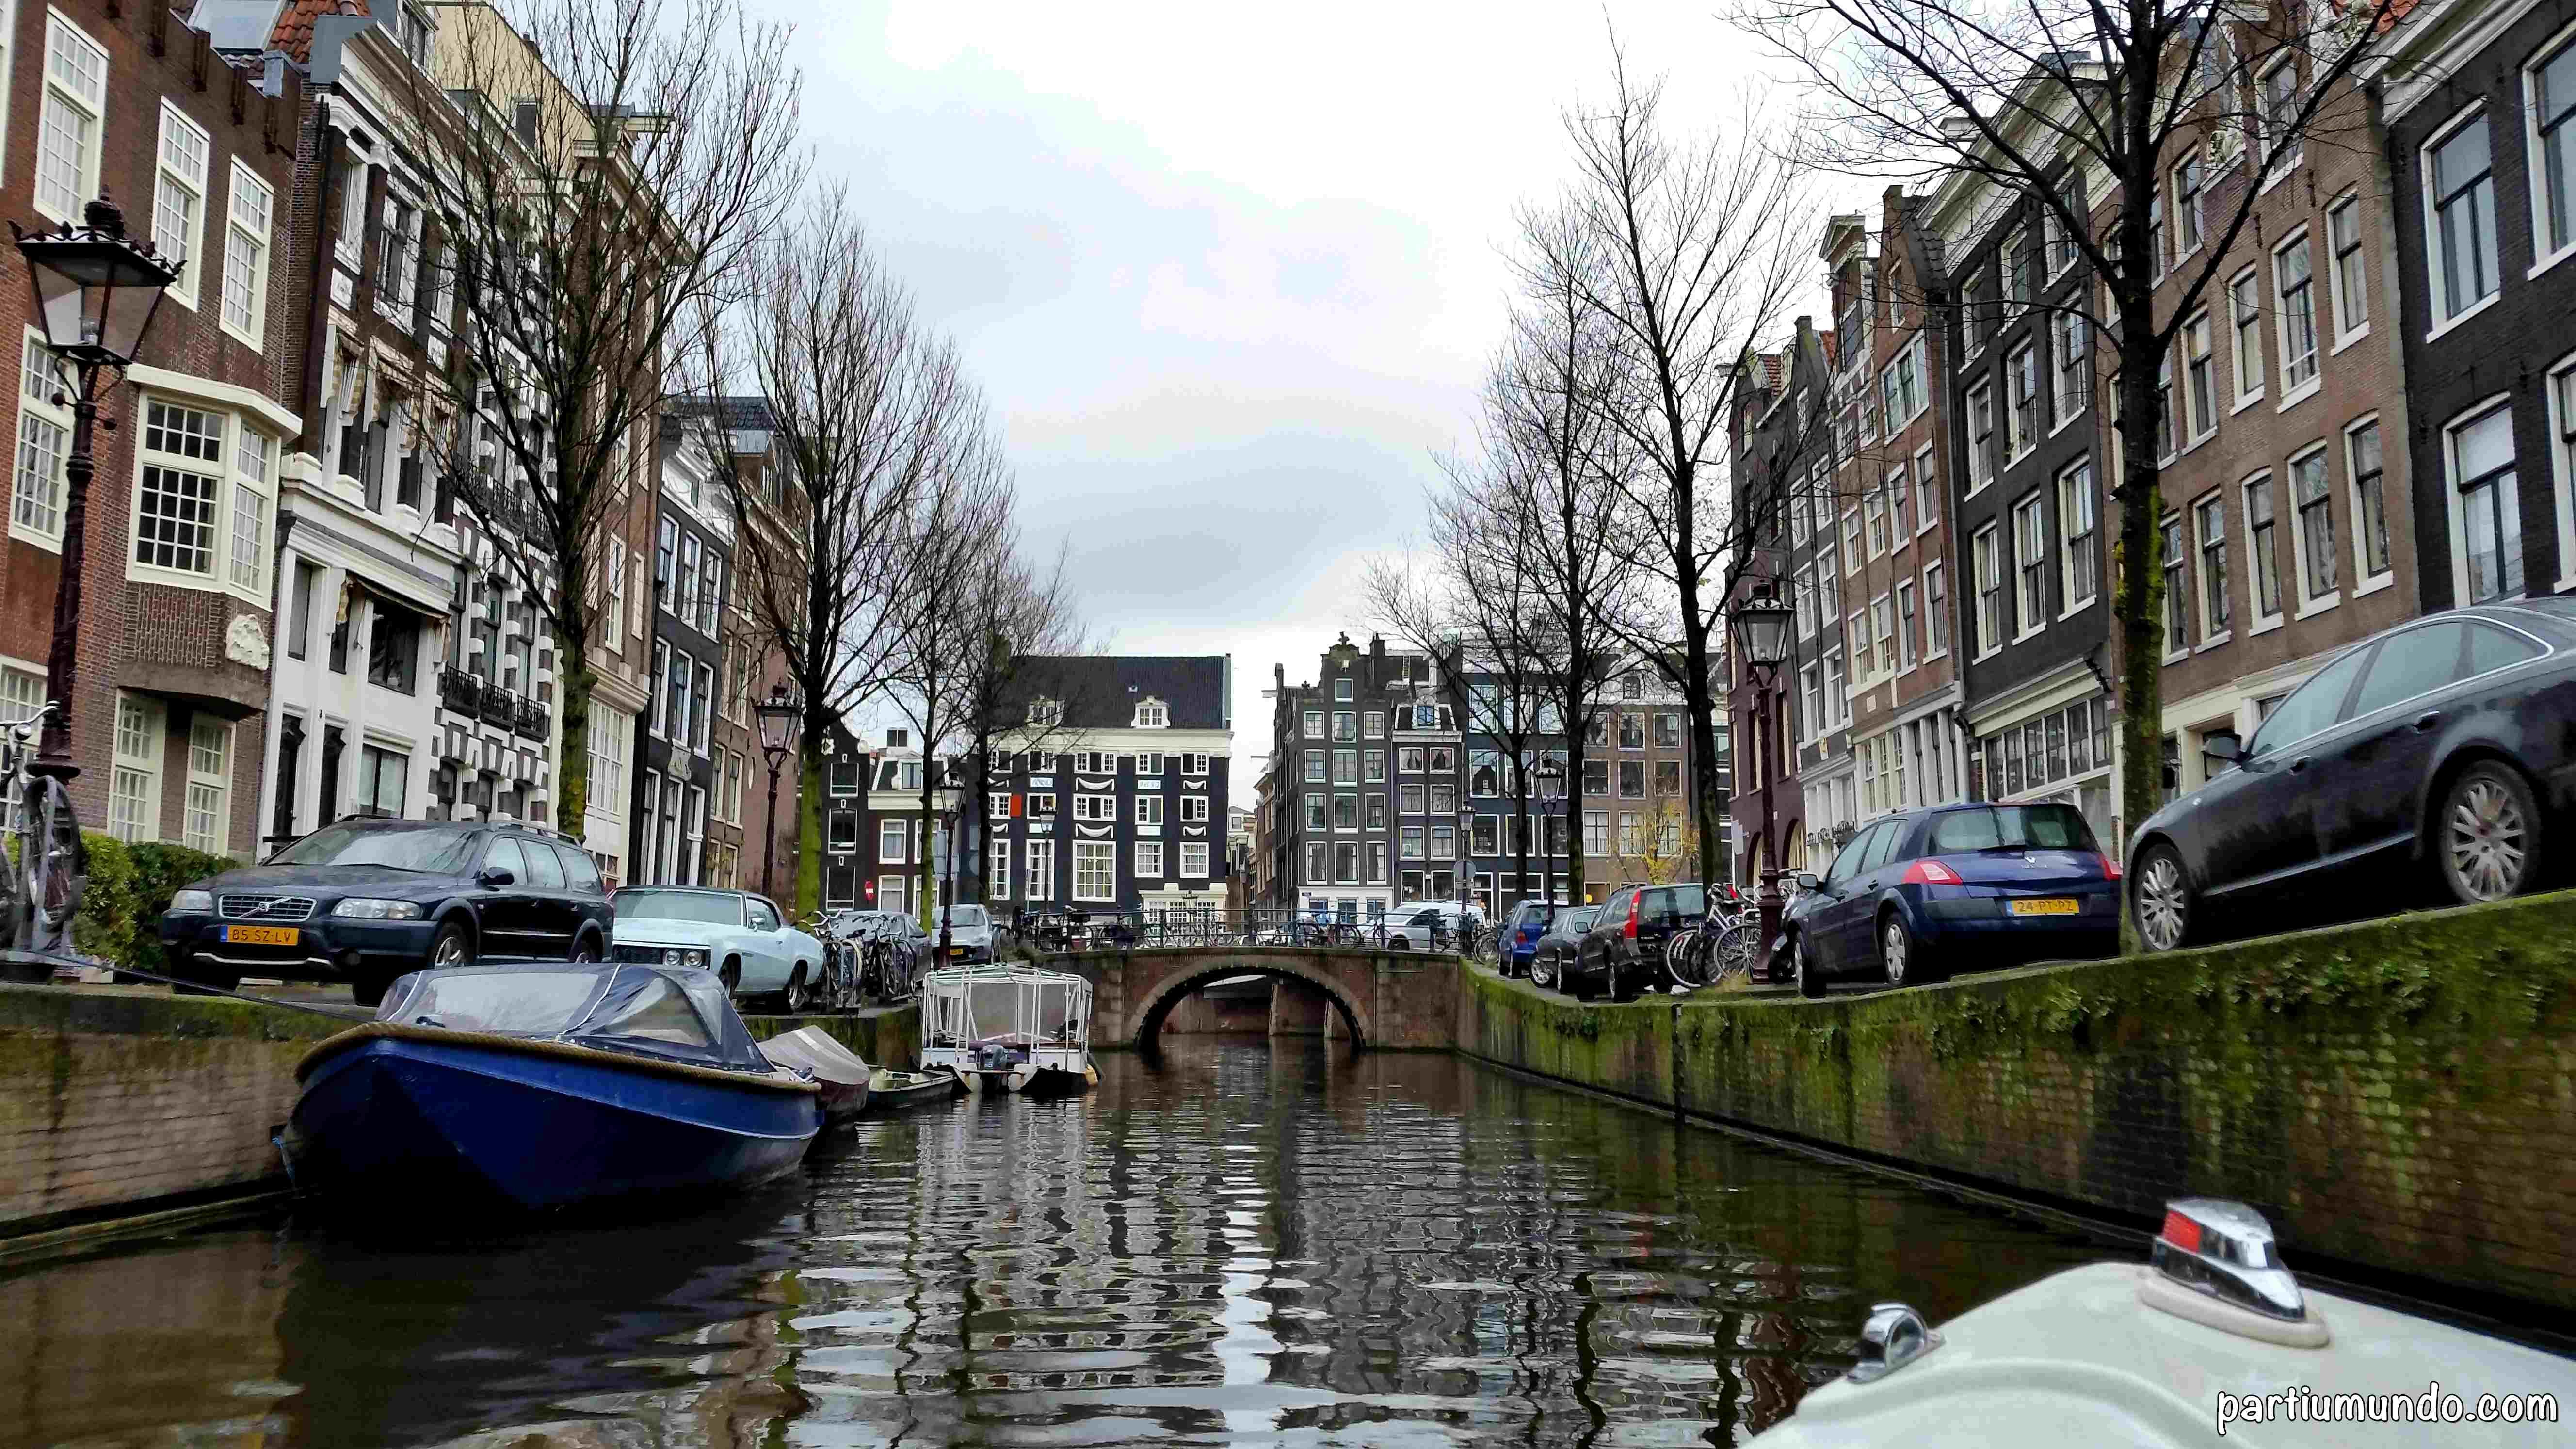 O Que Fazer Em Amsterdam Things To Do In Amsterdam